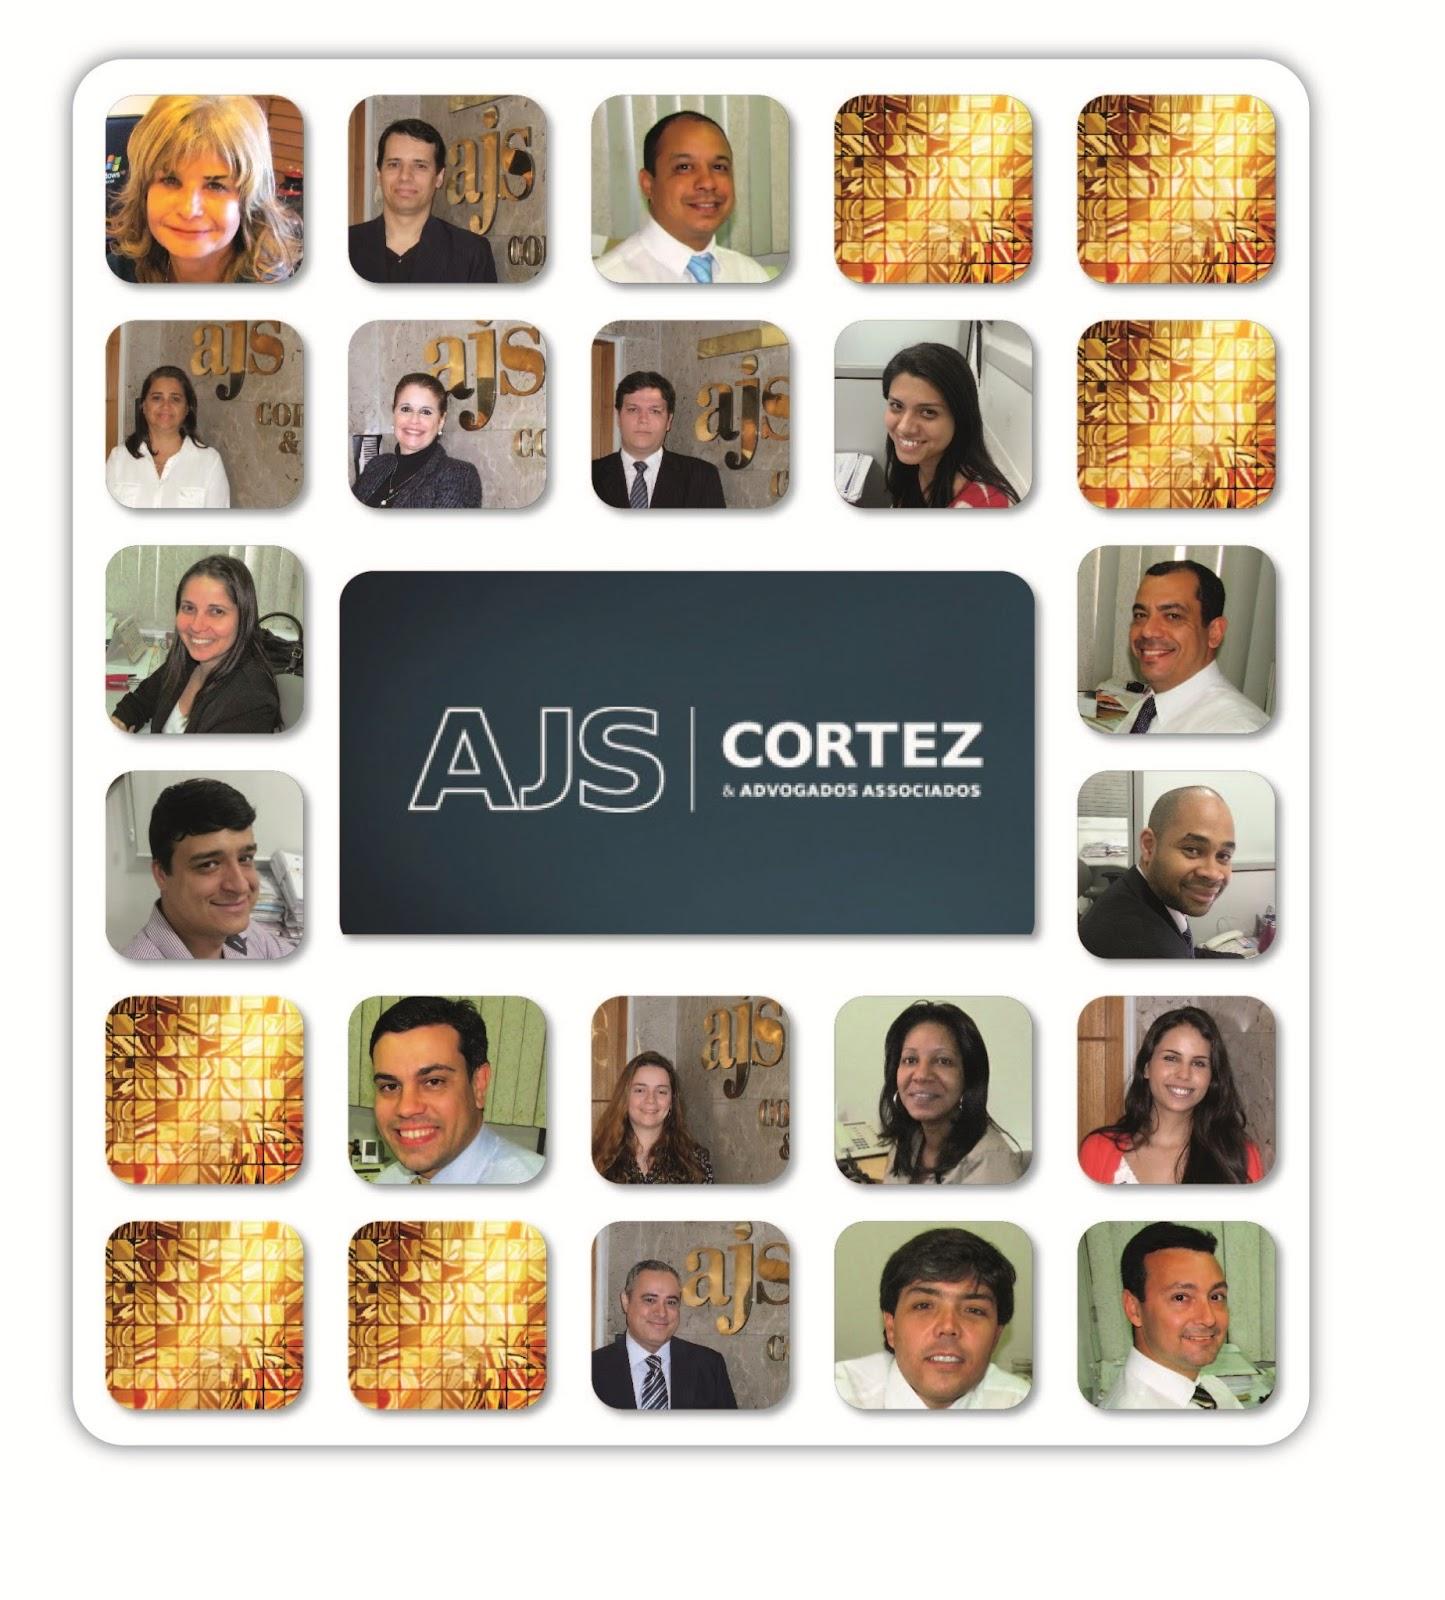 Novo layout, mais moderno e clean, apresenta a equipe jurídica da AJS – Cortez e Associados !